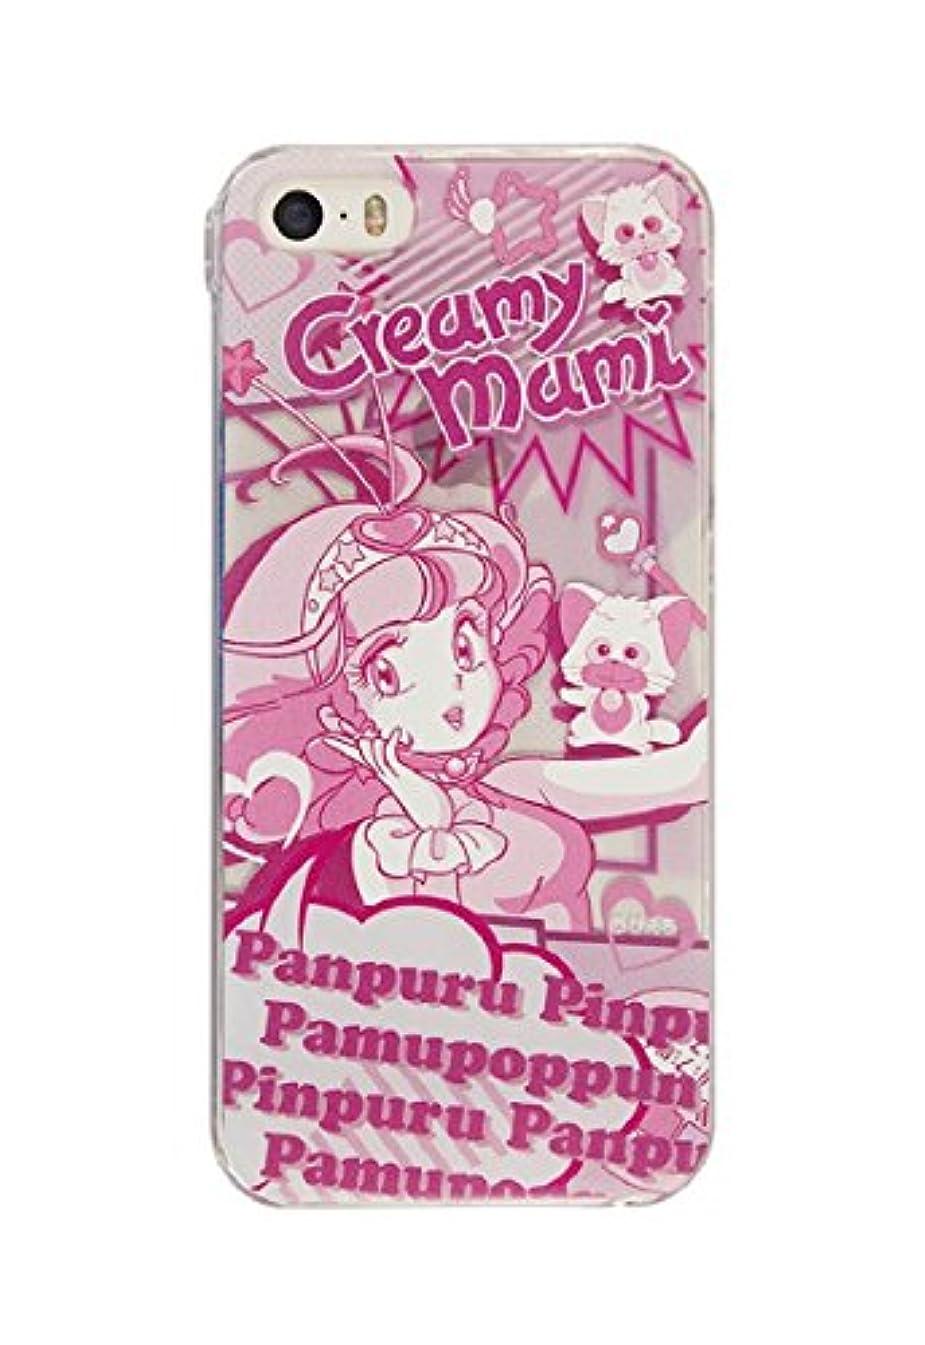 悲惨な懸念流すクリィミーマミ iPhone5s/5シェルジャケット PCM-04D コミック